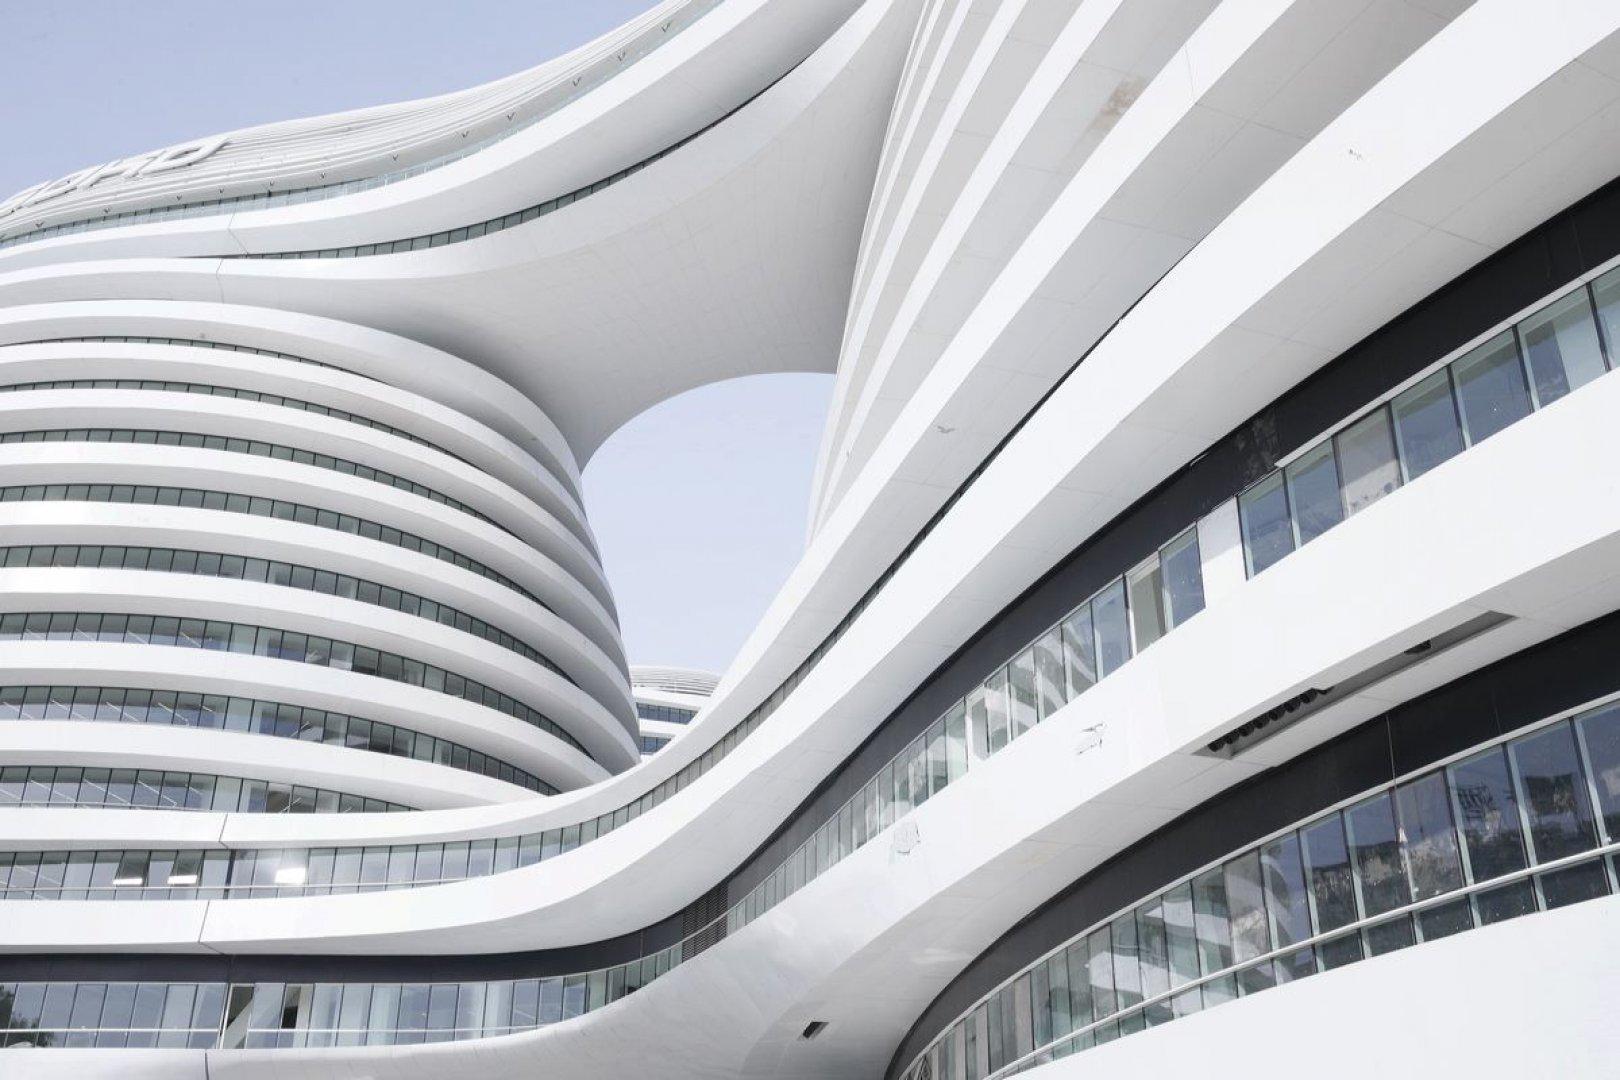 Архитектурное бюро Zaha Hadid будет проектировать станции метро в Днепре